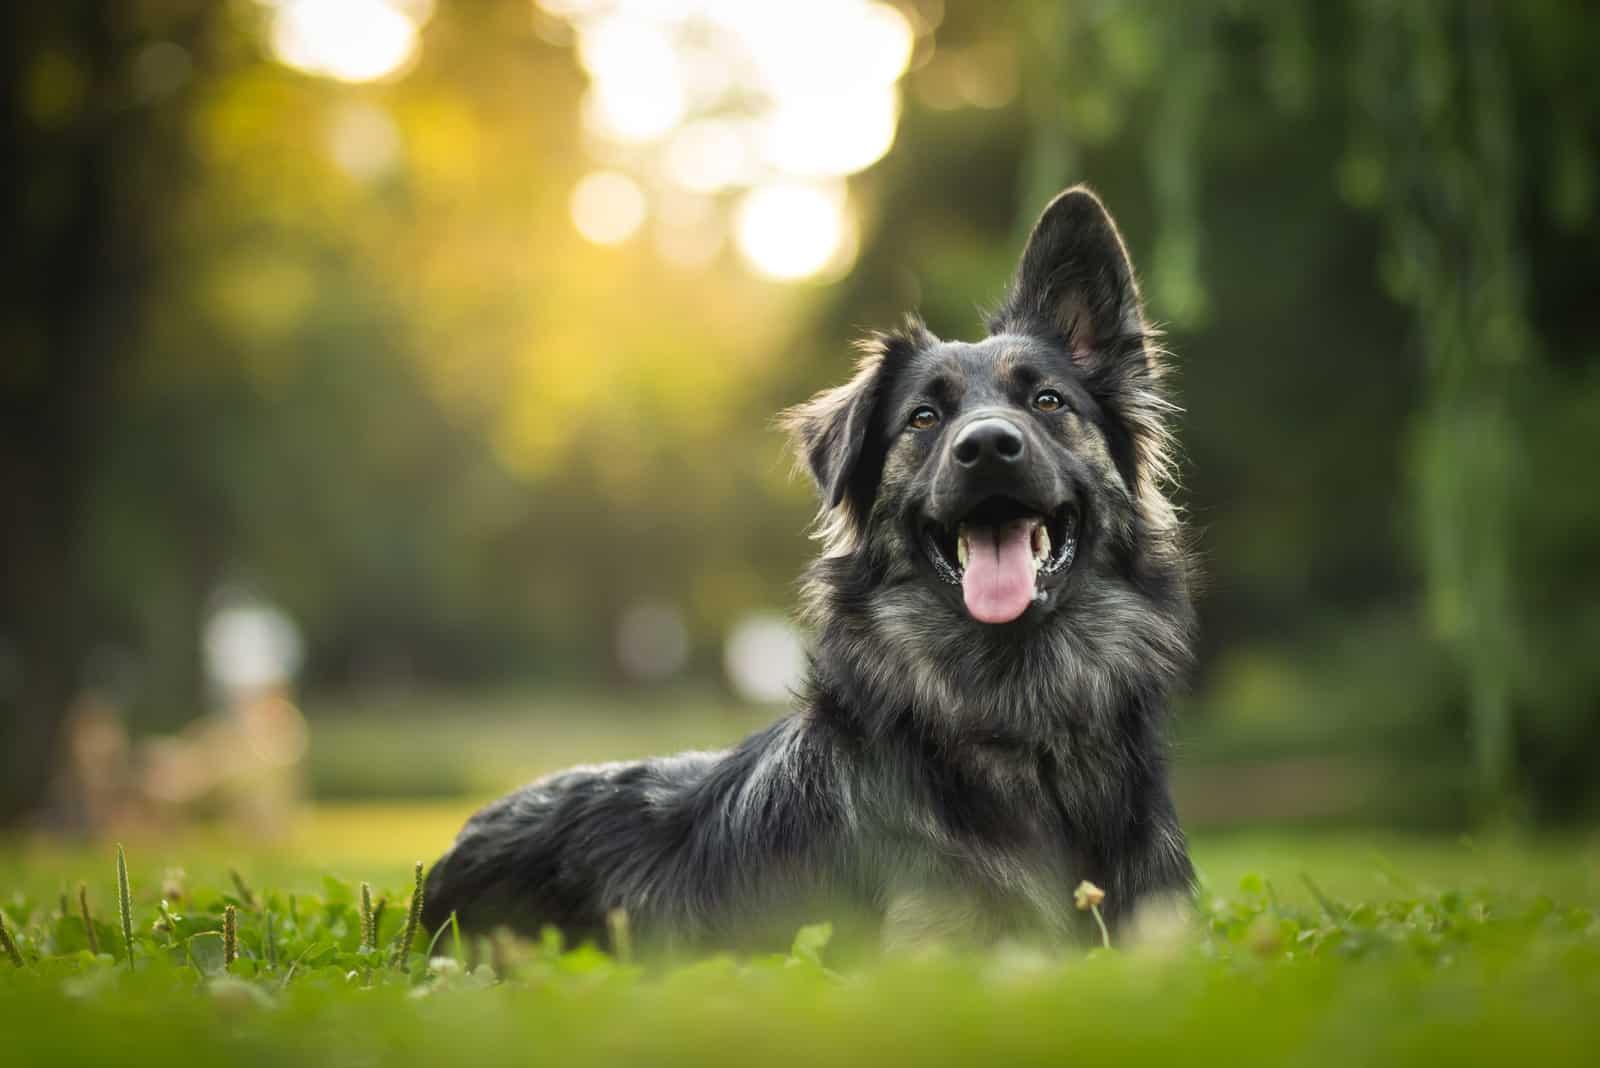 Hund während des Sonnenuntergangs auf Gras